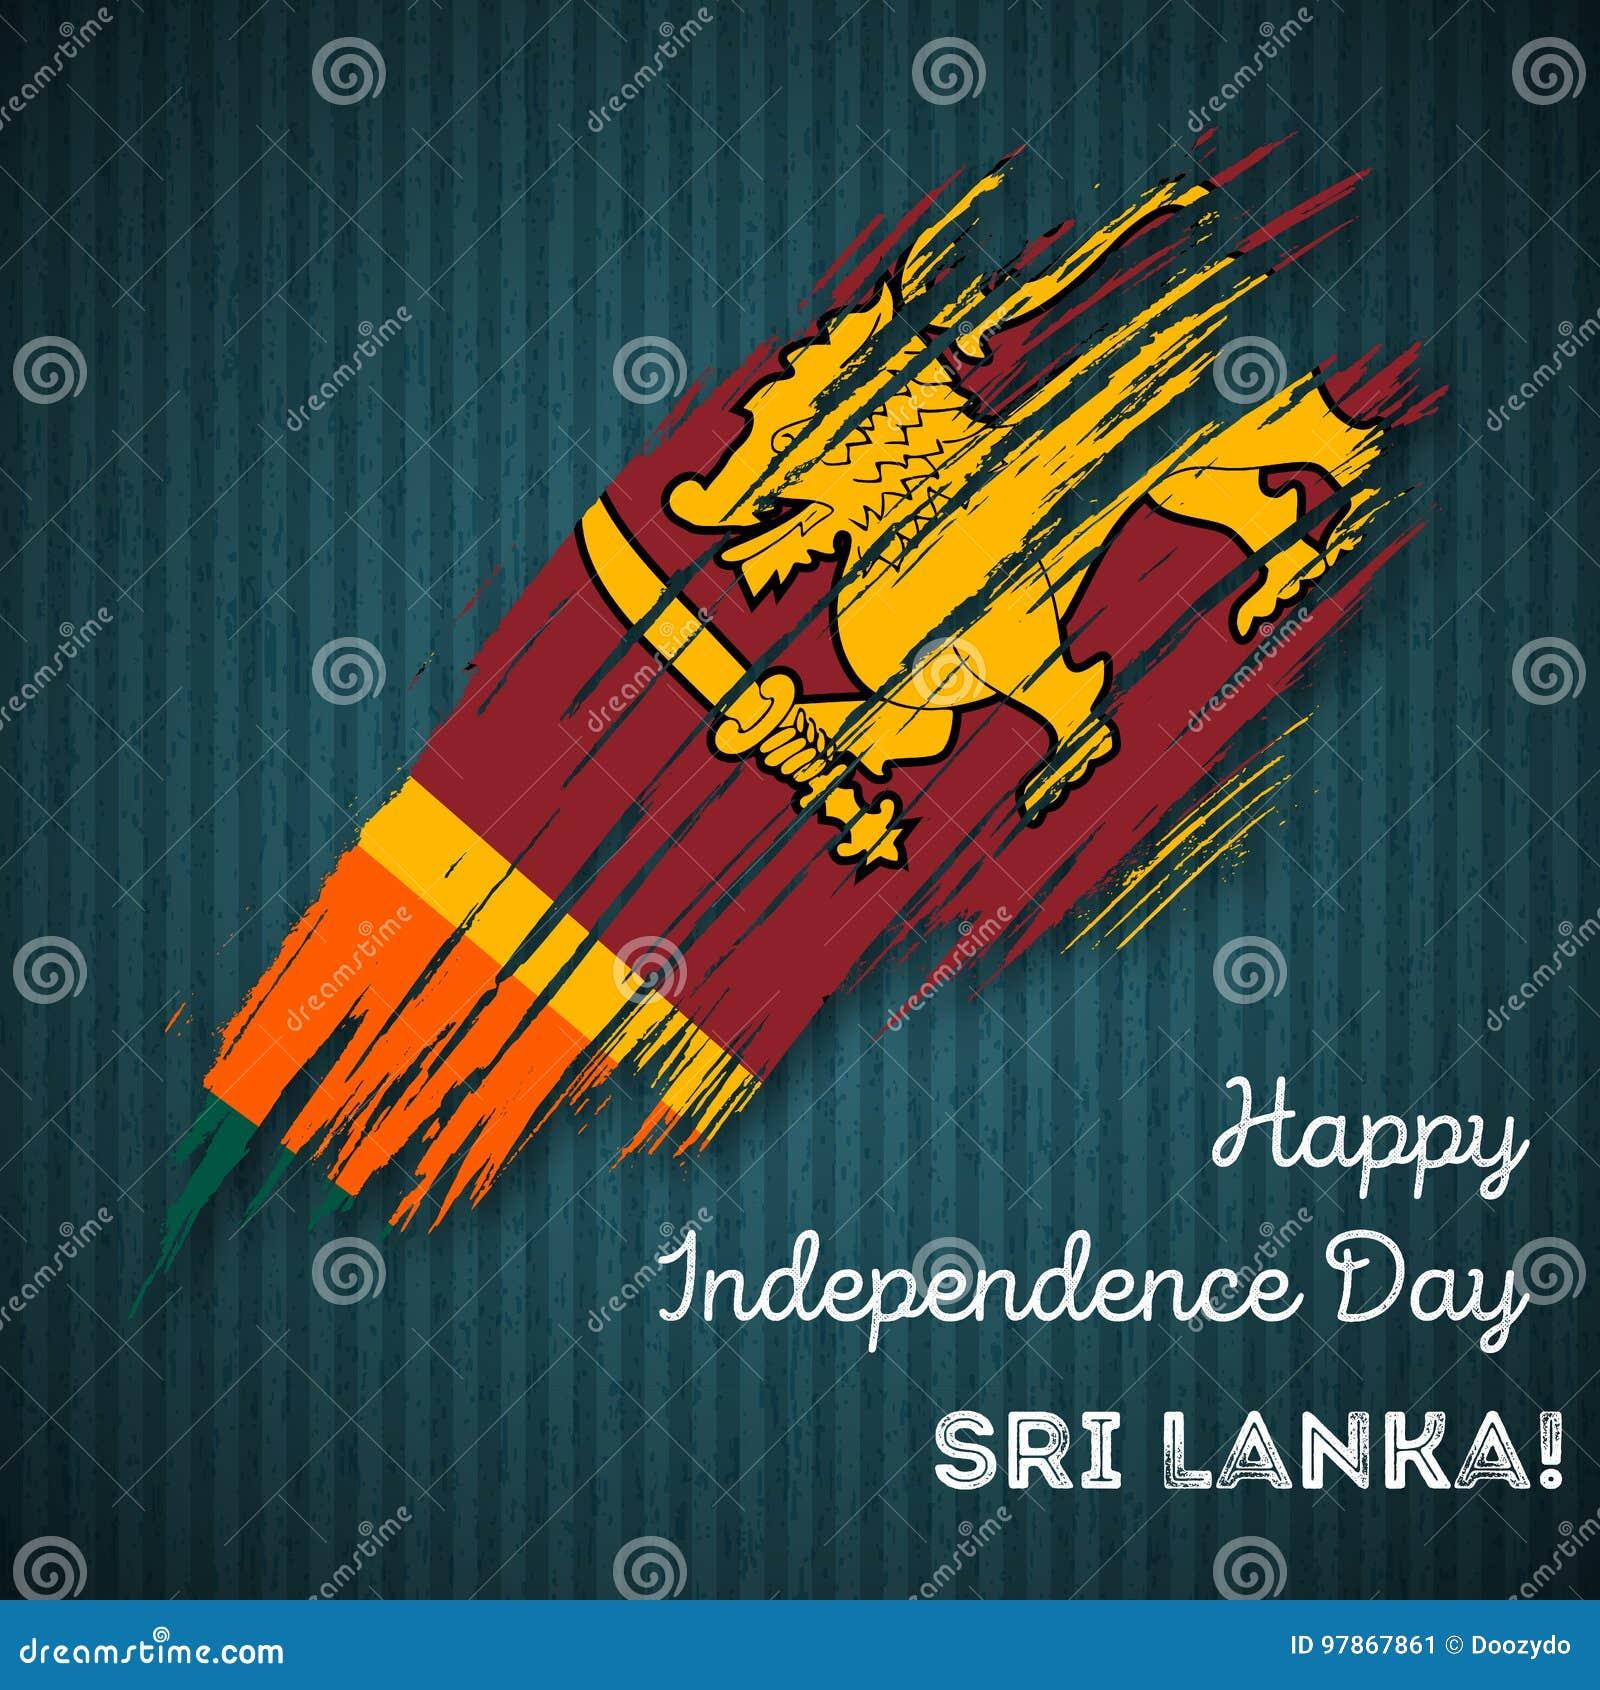 Sri Lanka Independence Day Patriotic Design Stock Vector